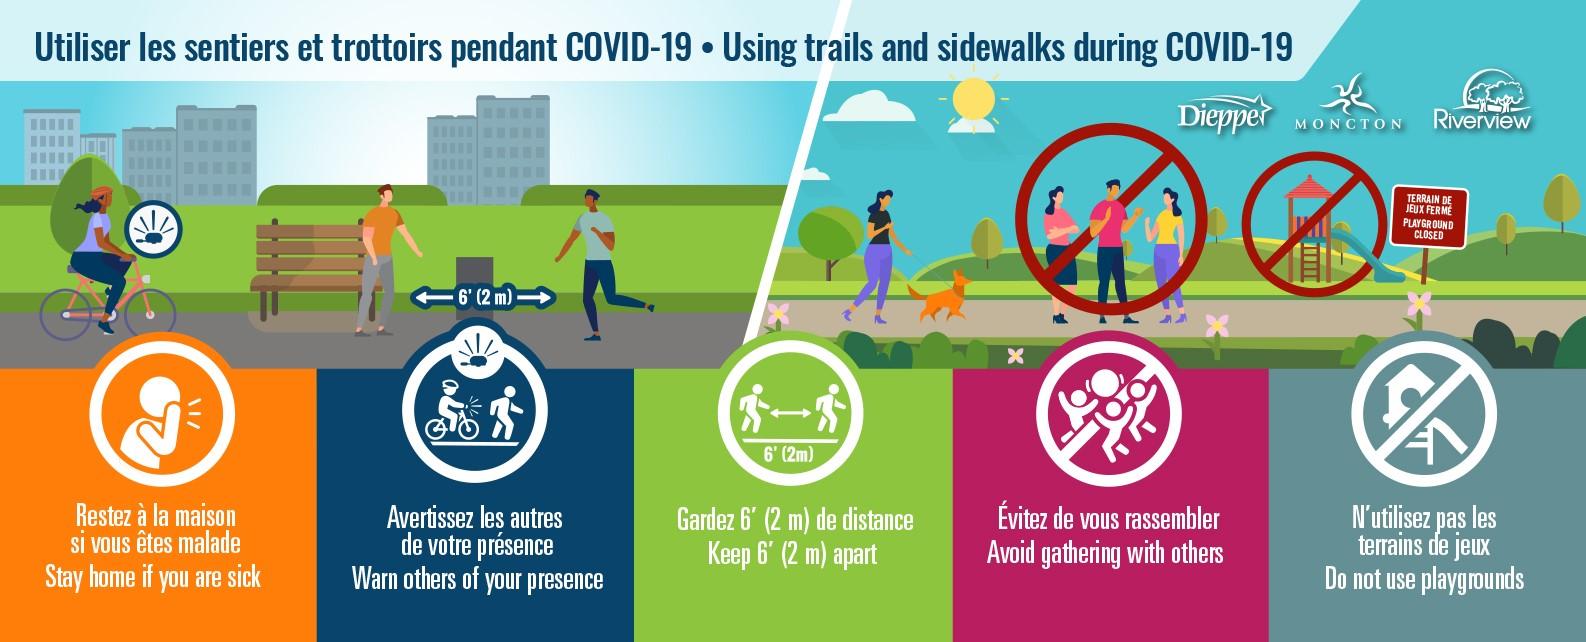 Utiliser les trottoirs et sentiers